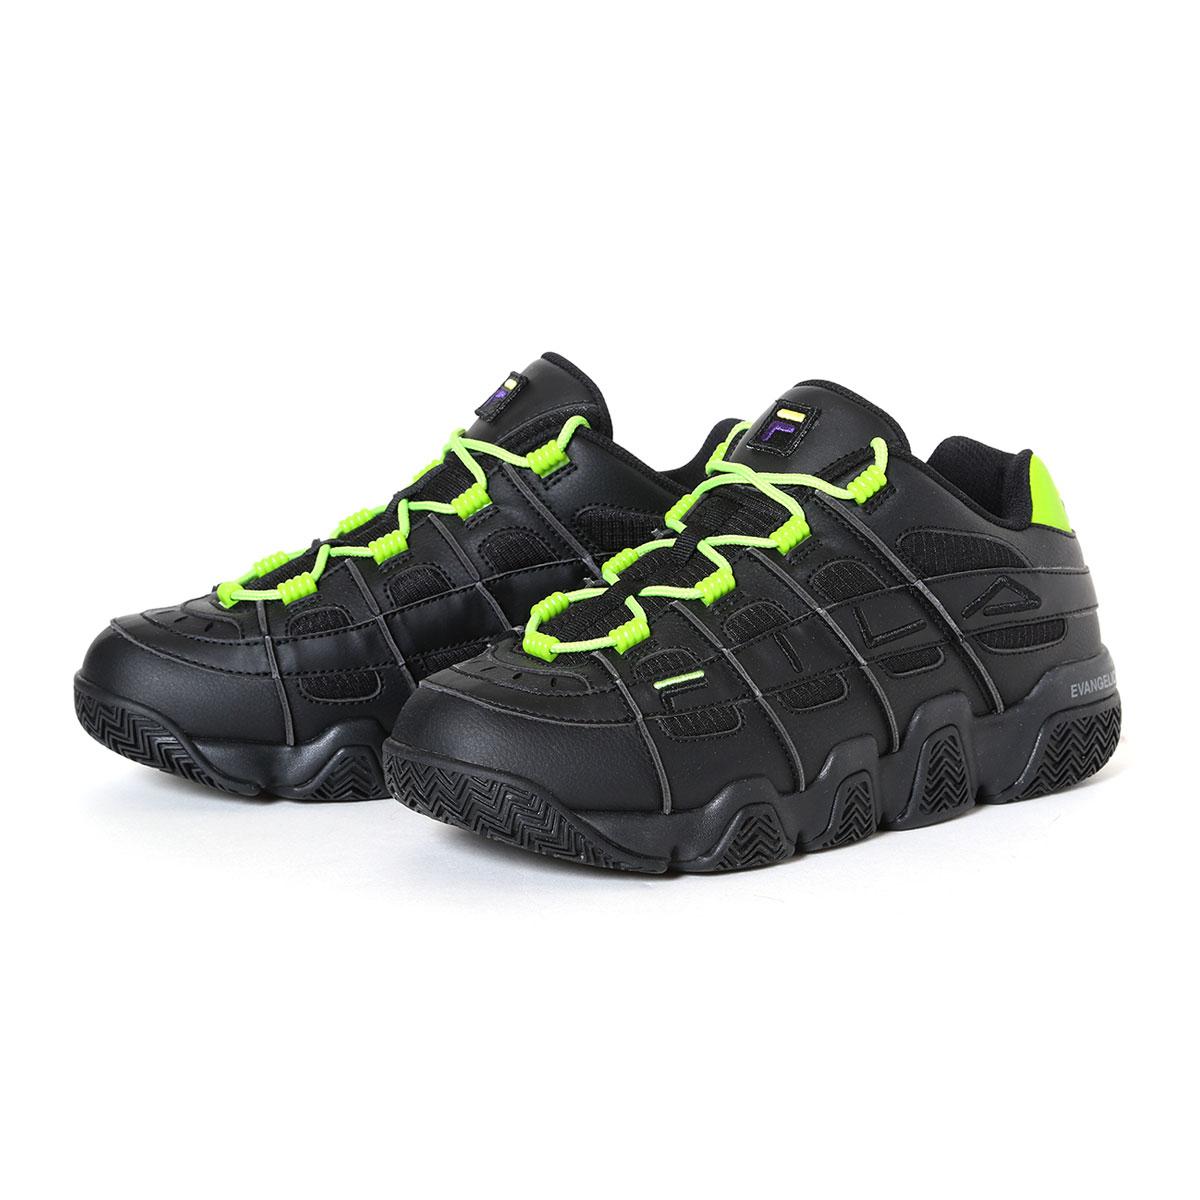 メンズ靴, スニーカー FILA BARRICADE XT 97 EVANGELION LIMITED( XT97 )BLKWHTGREEN 20SS-S atpss20